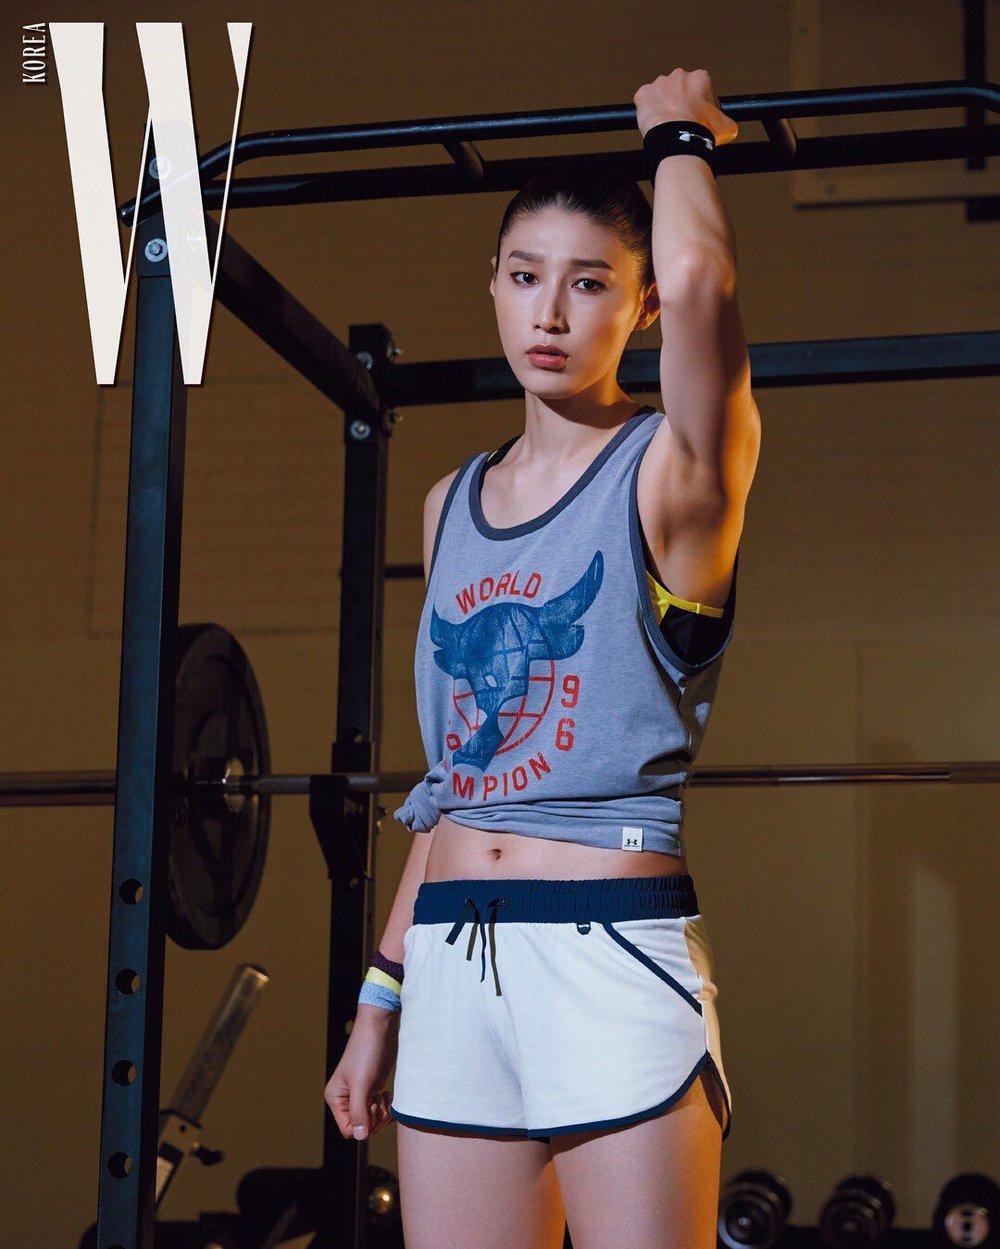 Nữ thần bóng chuyền Hàn Quốc tại Olympic: Cao 1m92, sở hữu tài sản triệu đô - Ảnh 7.